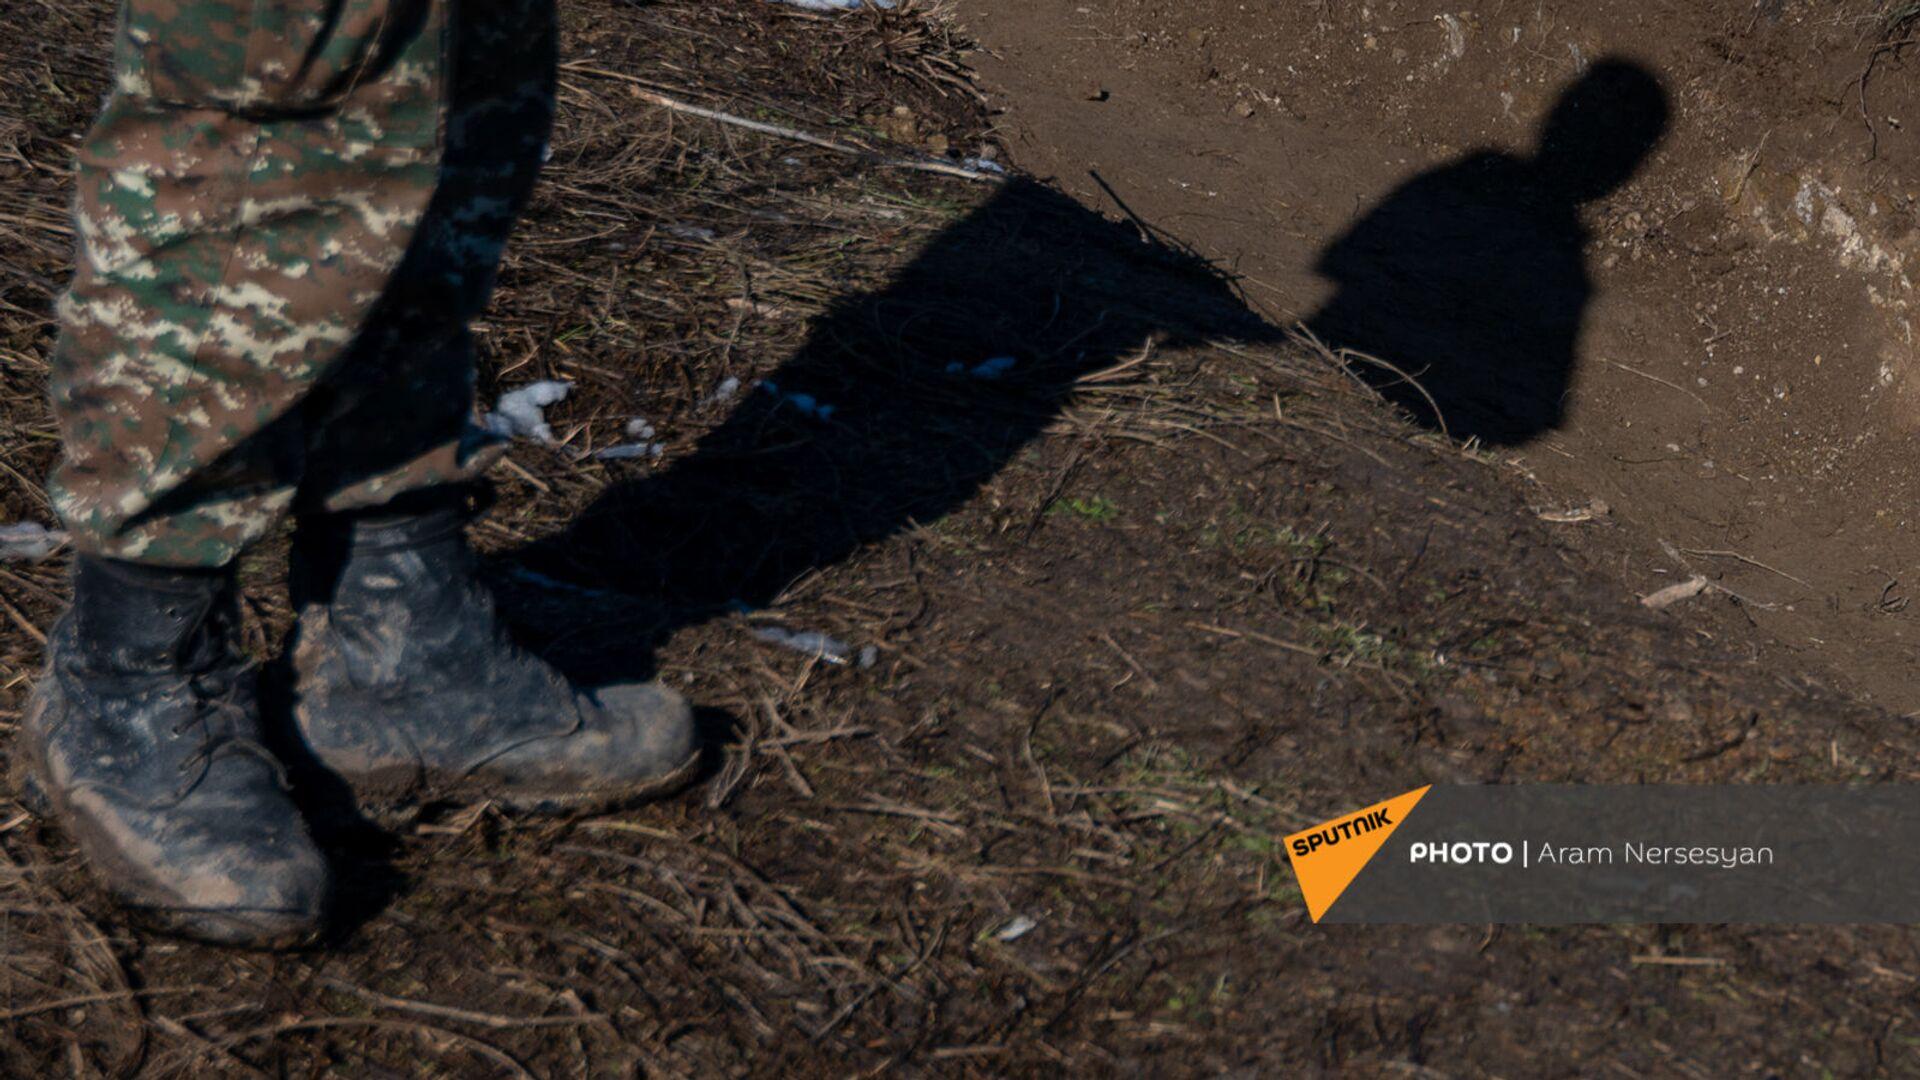 Армянские военнослужащие на одной из позиций близ села Давид Бек в Сюникской области Армении - Sputnik Արմենիա, 1920, 13.05.2021